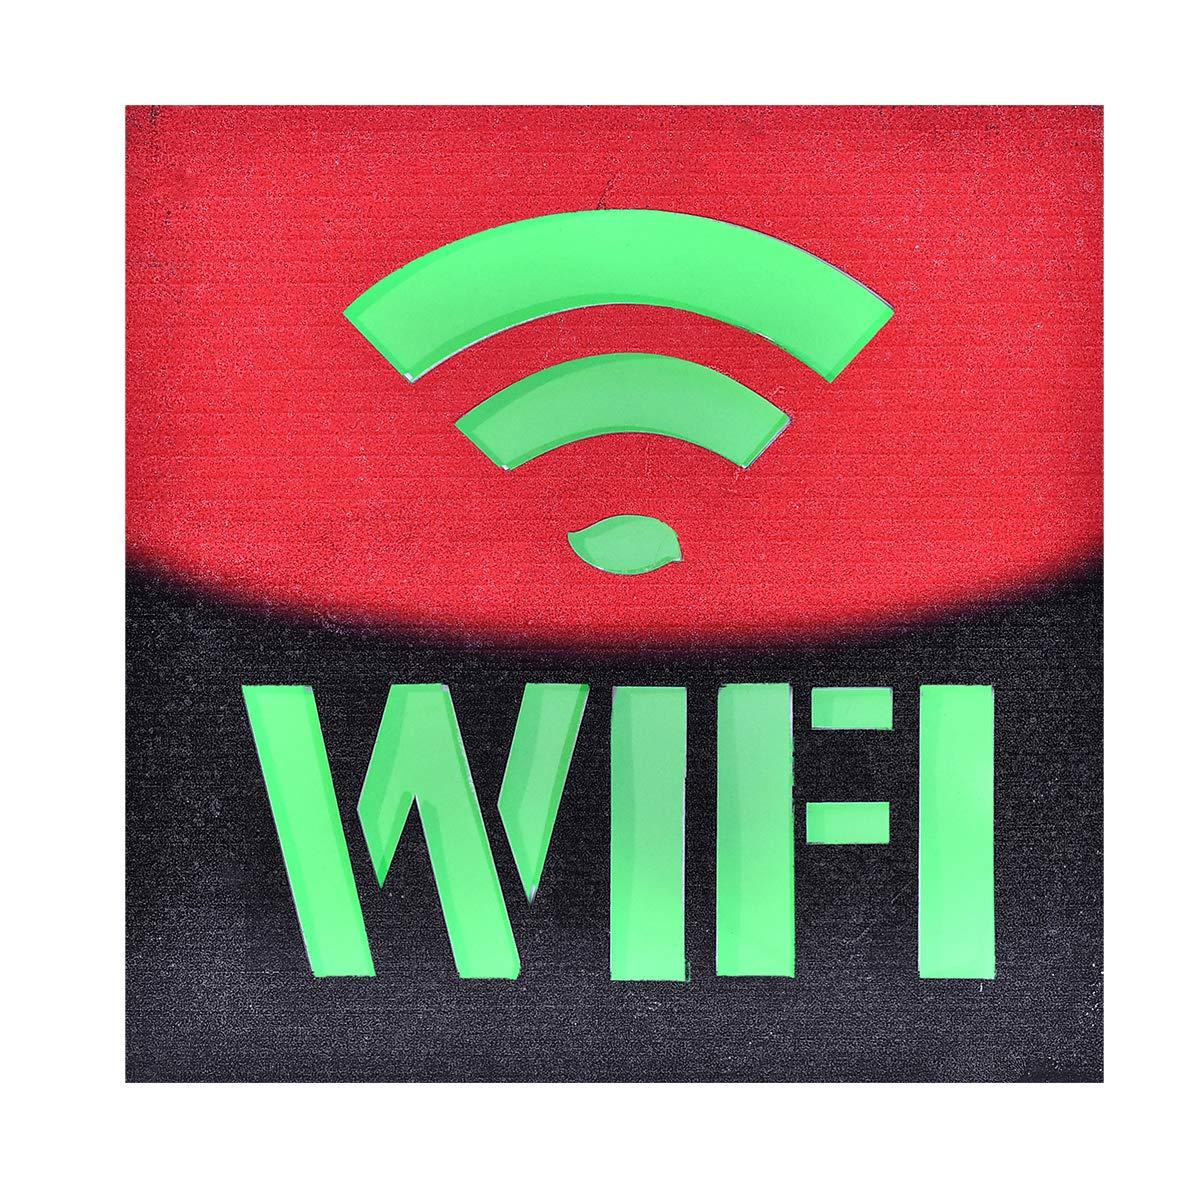 MICKYU Wi-Fi LED Neon Light Sign, 9.4